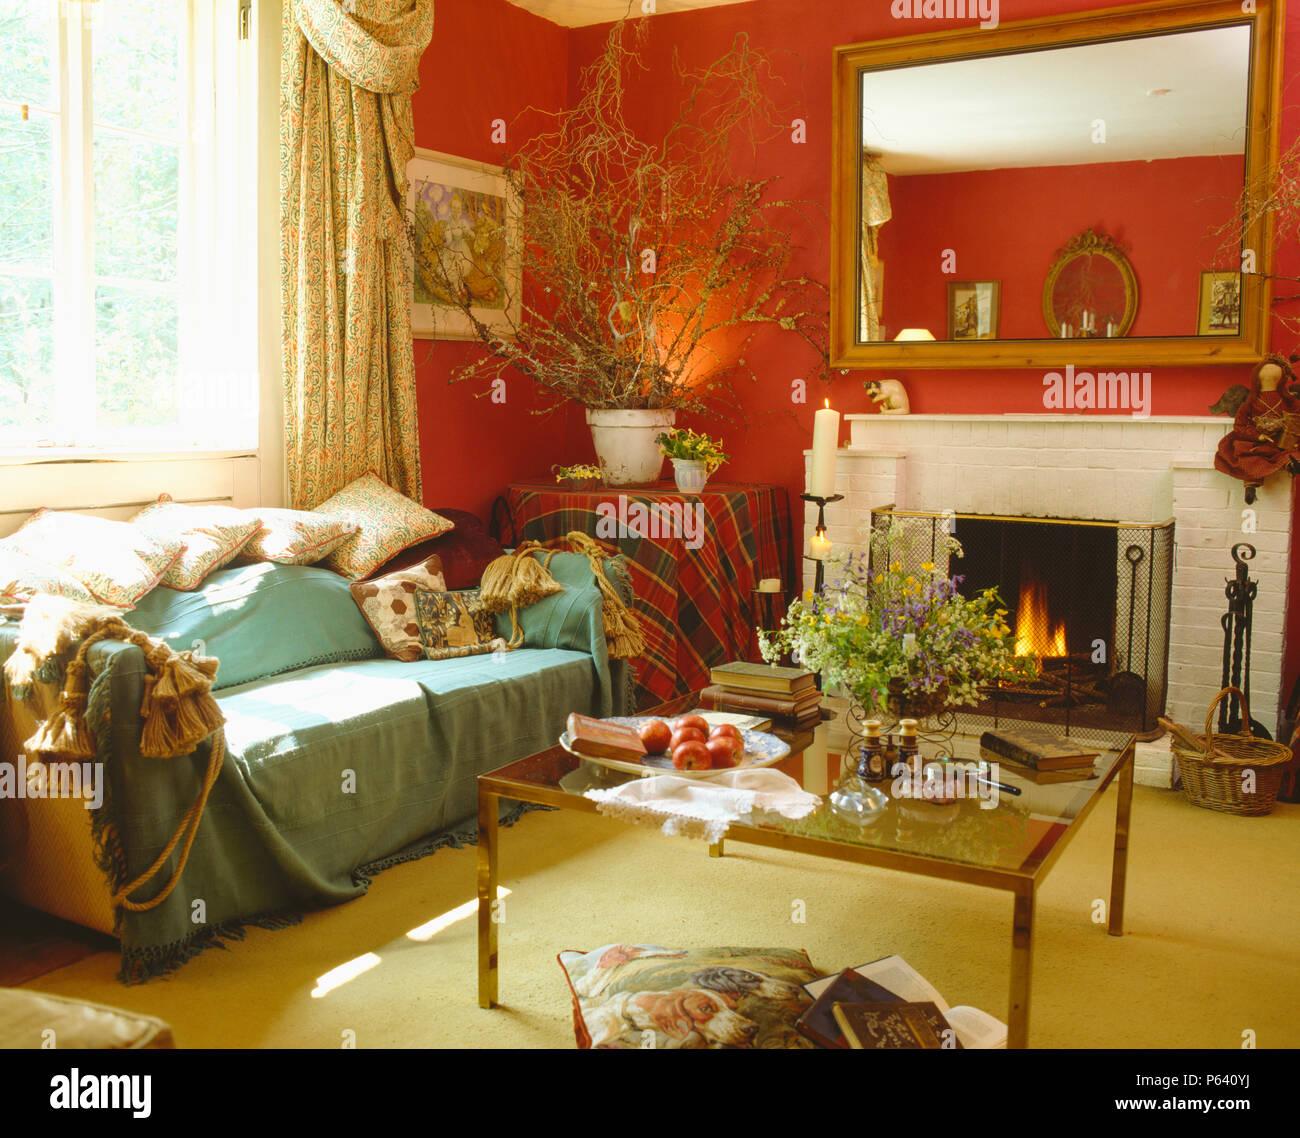 Kissen Und Auf Hellem Türkis Sofa In Gemütlichen Roten Wohnzimmer Mit Glas  Werfen   Couchtisch Vor Kamin